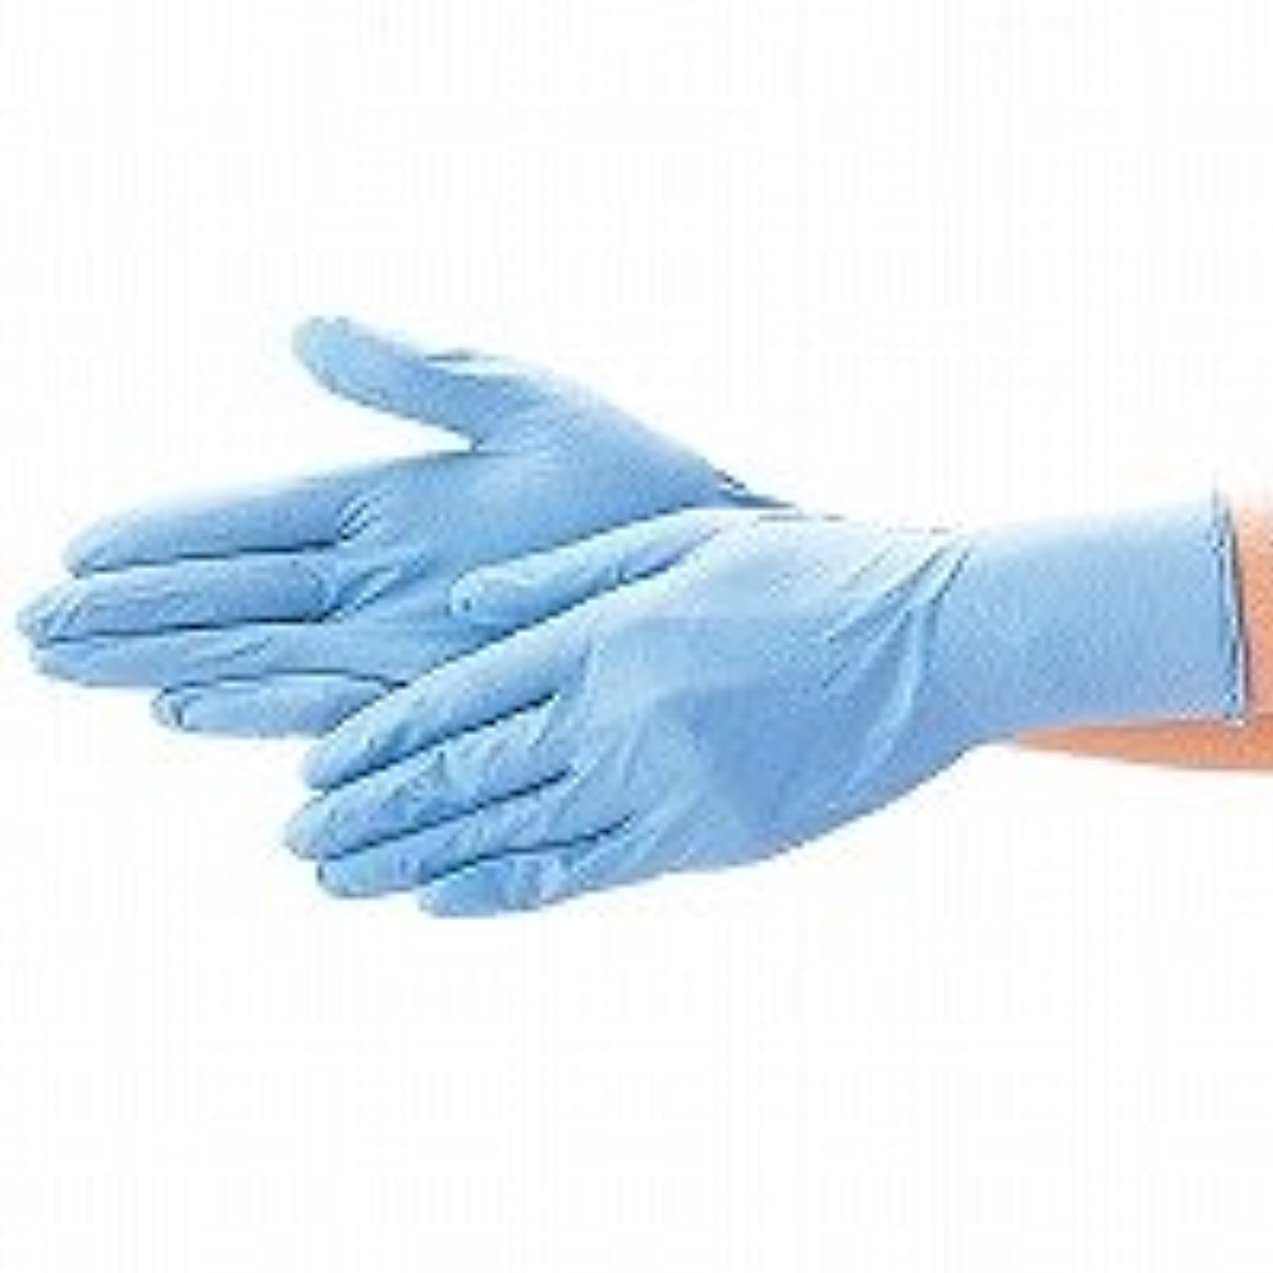 クランプ離婚口実エブノ ニトリル手袋 No.526 M 青 (100枚入×20箱) ディスポニトリル パウダーフリー ブルー